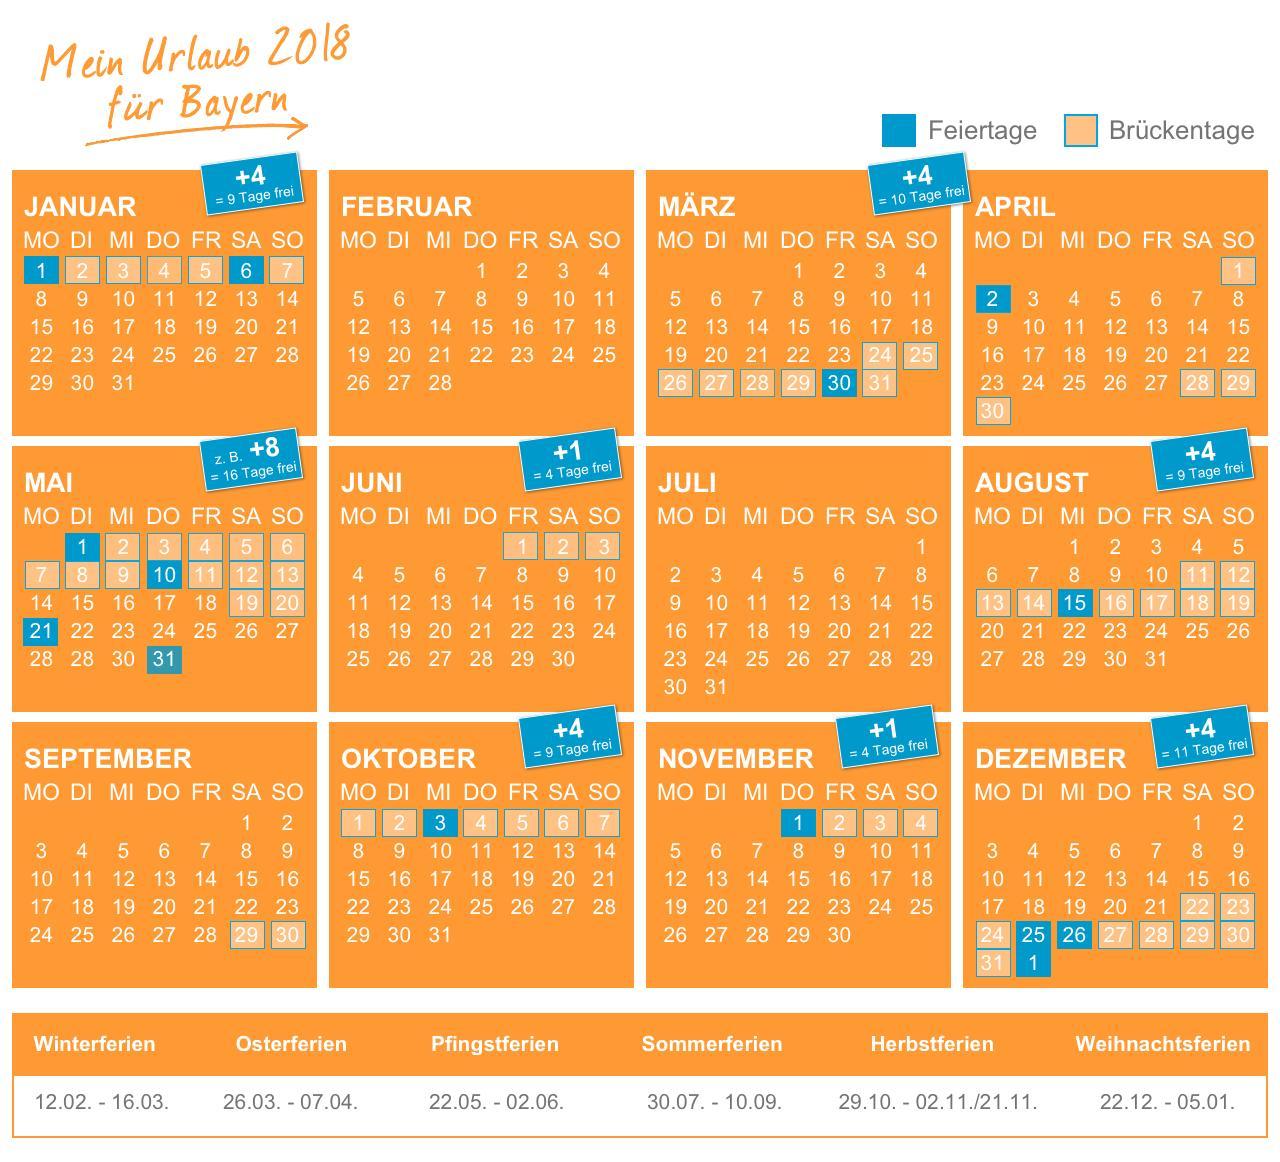 urlaubsplaner-brueckentagsplaner-ferien-feiertage-bayern